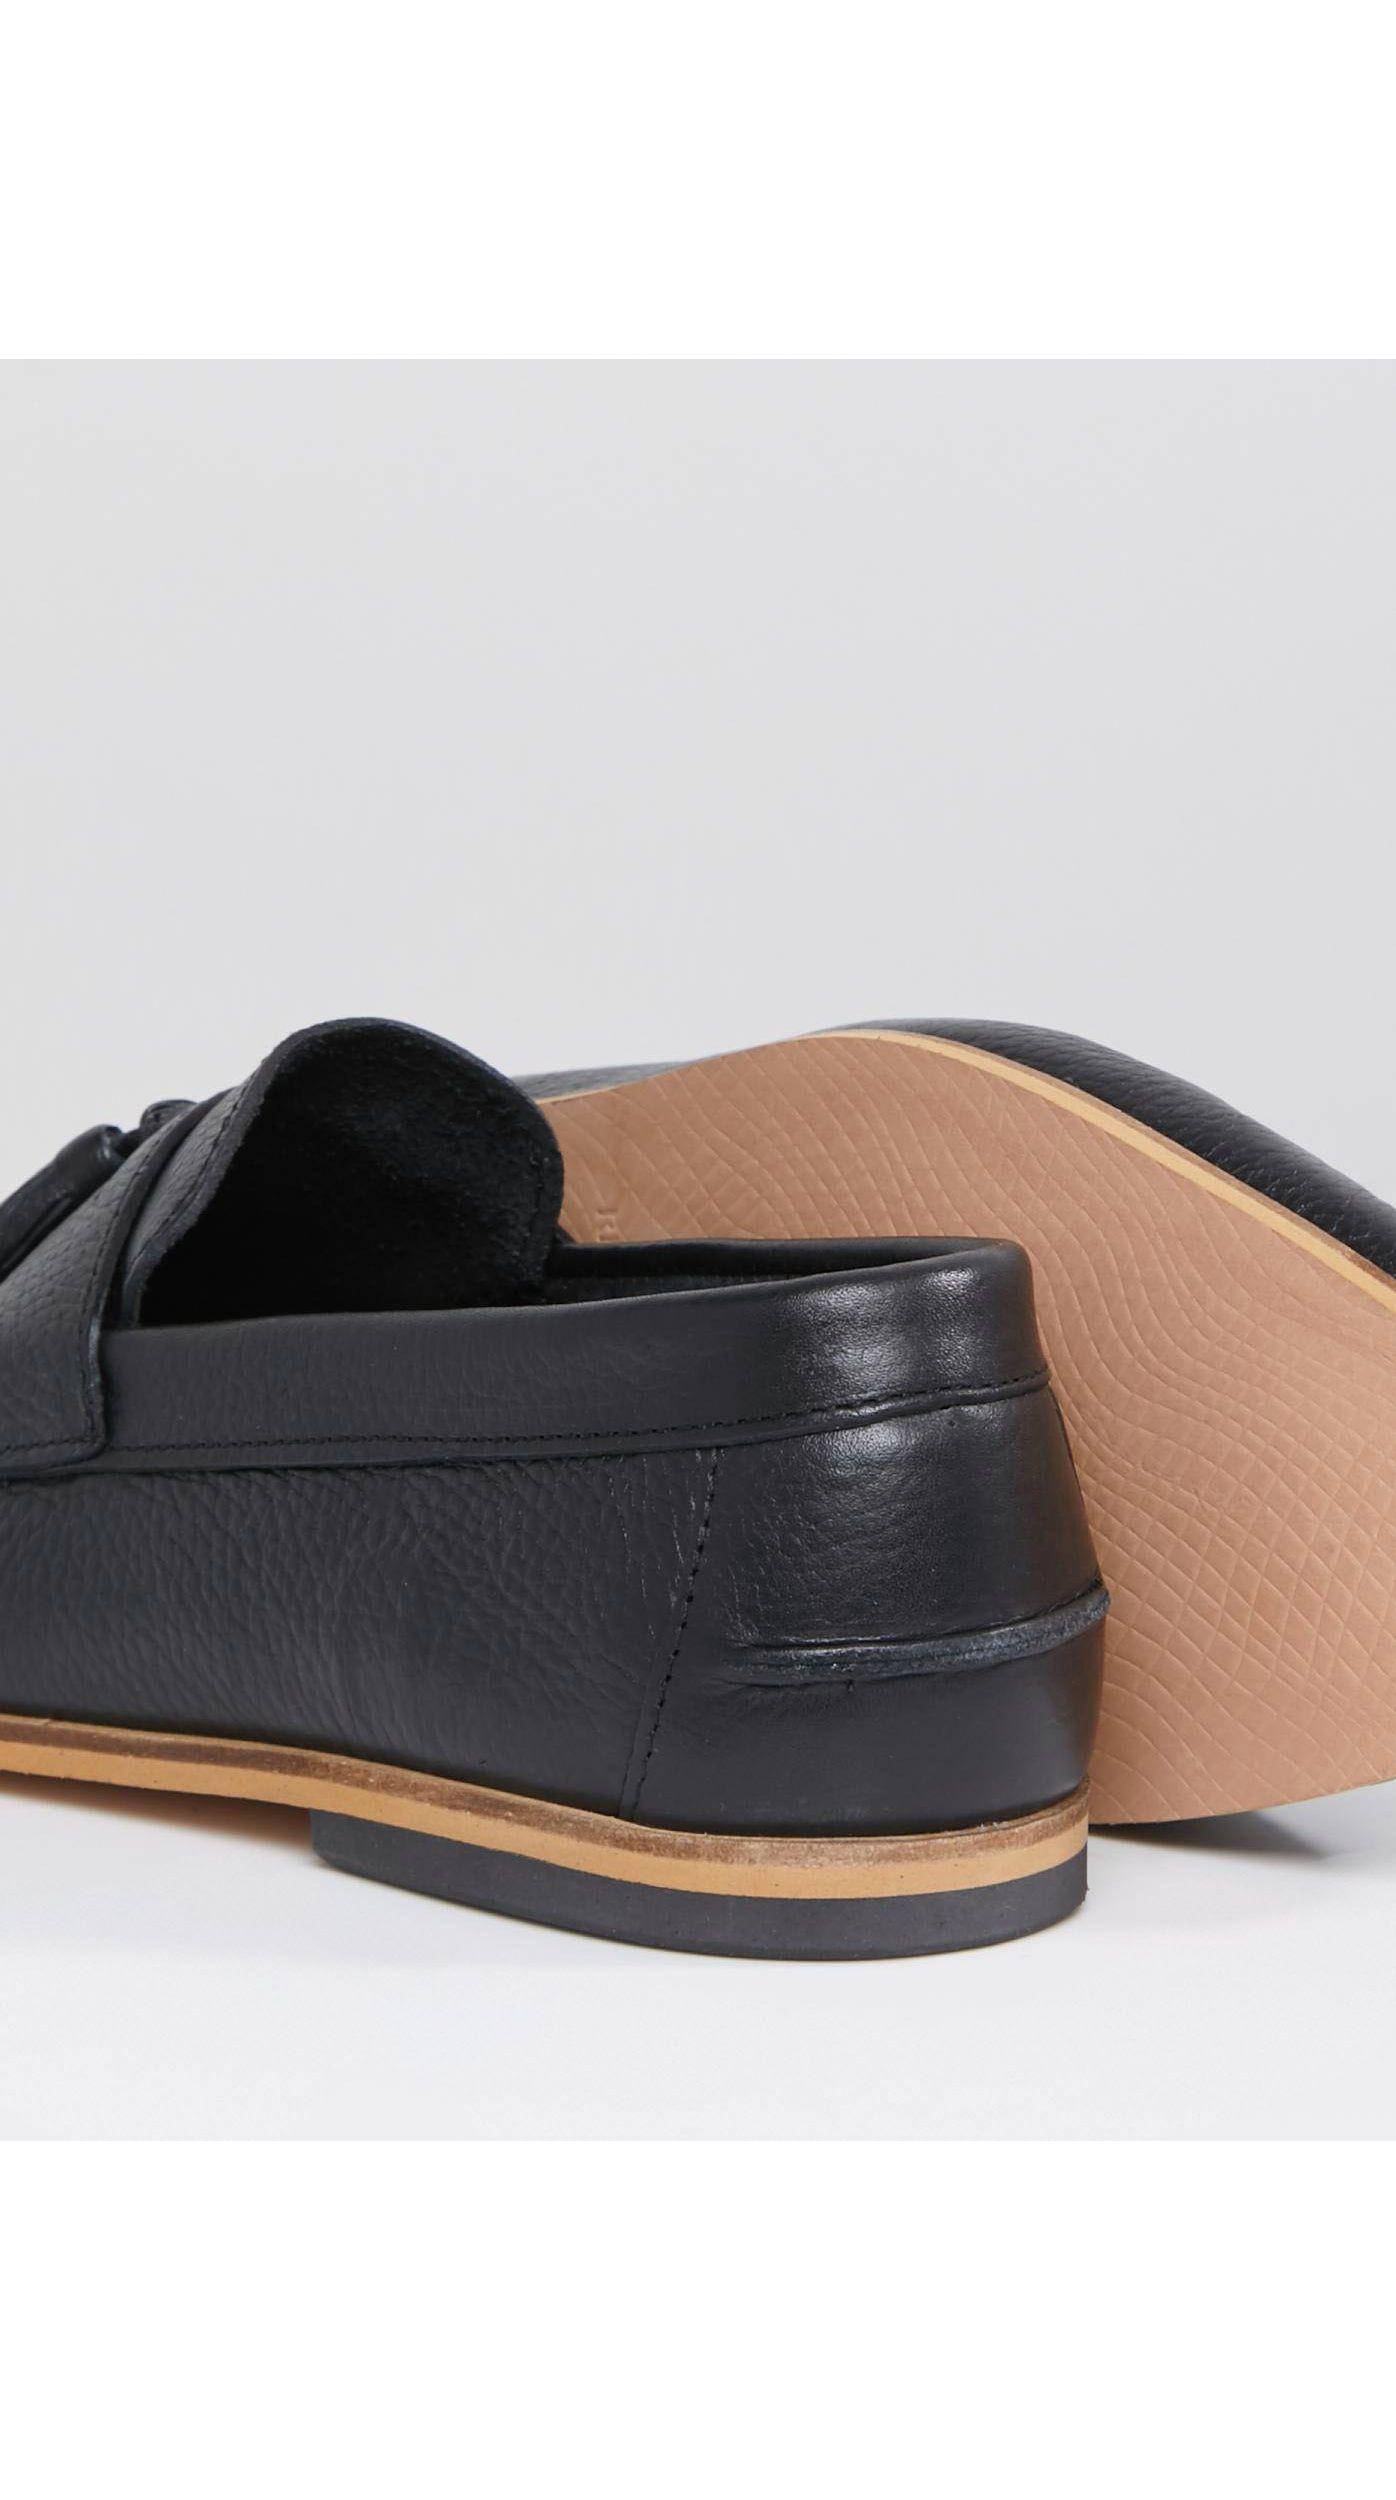 River Island Leer Leren Loafers Met Kwastjes in het Zwart voor heren